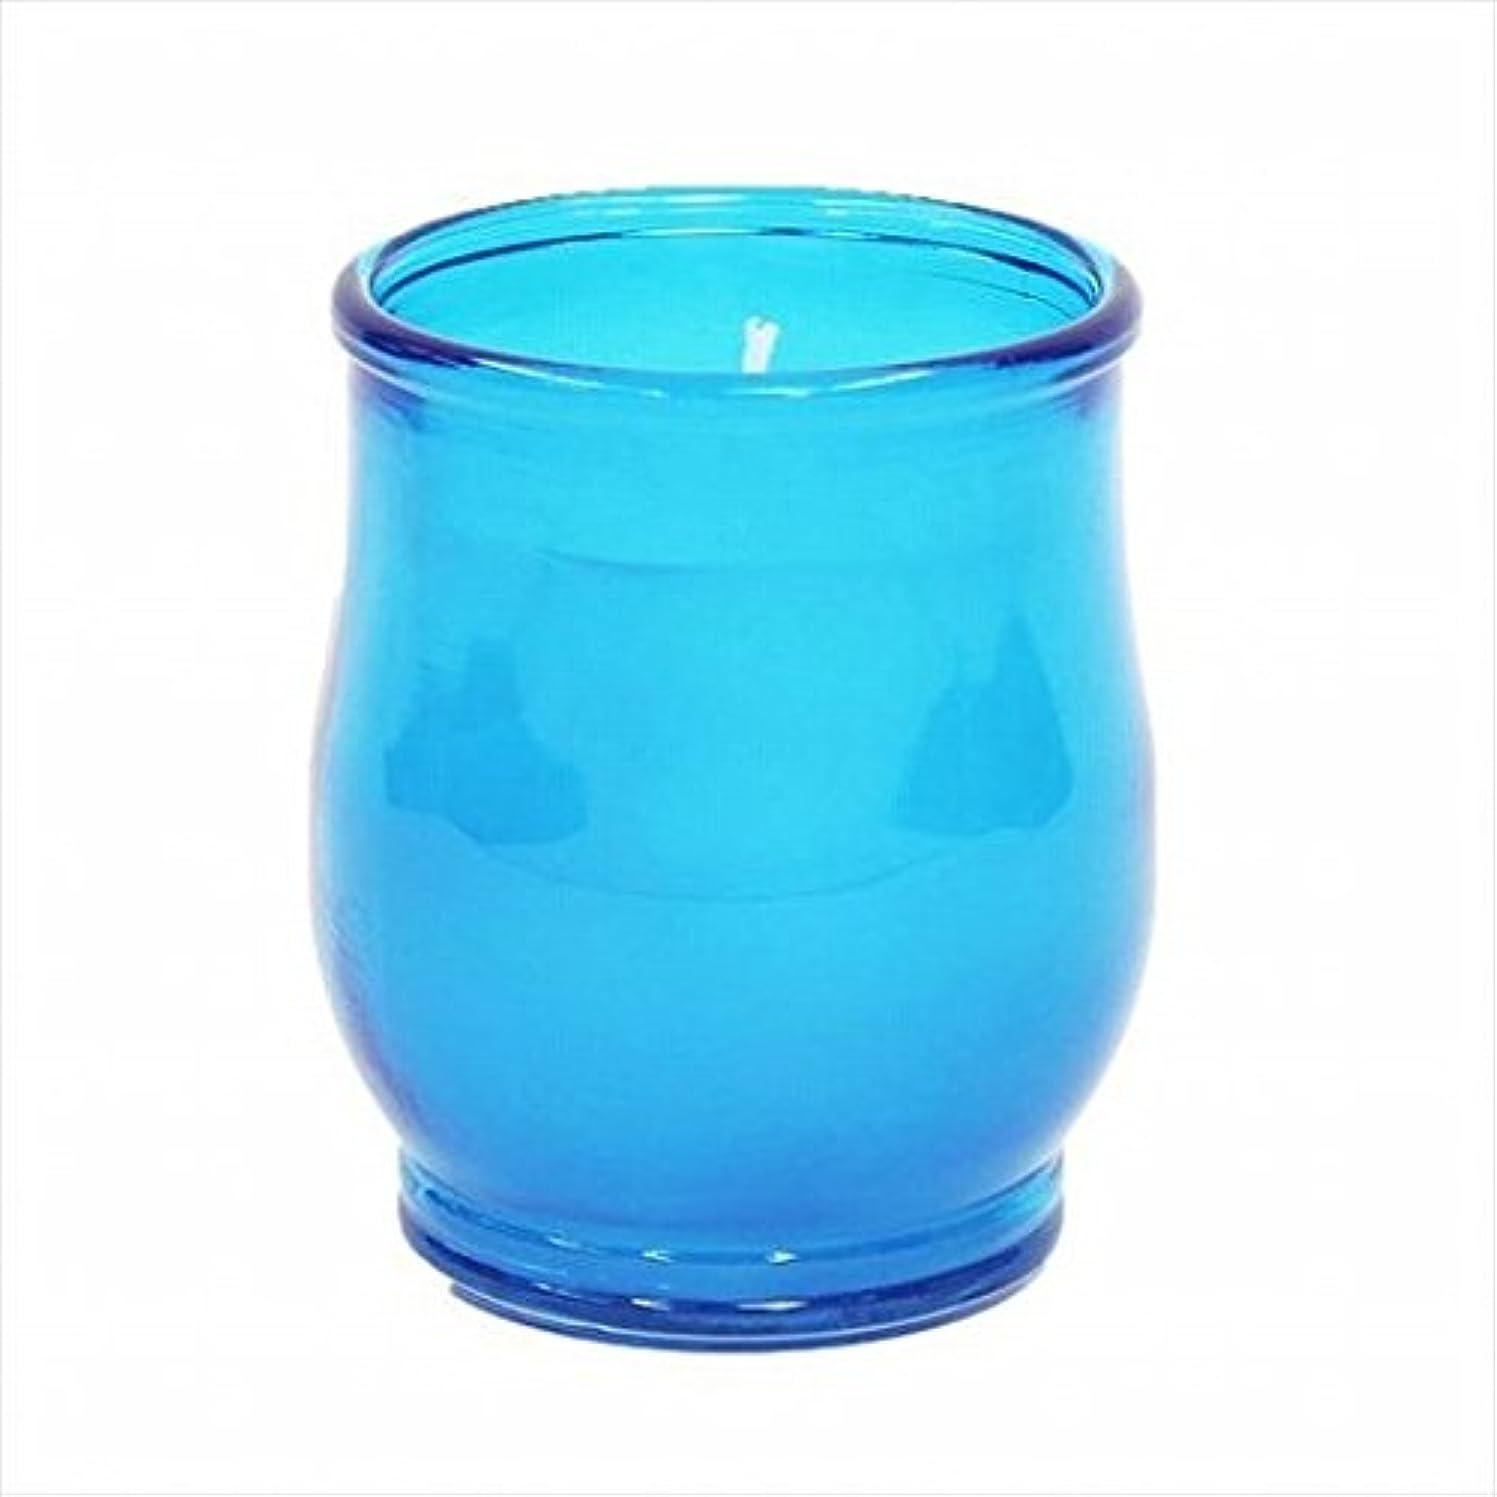 立方体一時解雇する読者kameyama candle(カメヤマキャンドル) ポシェ(非常用コップローソク) 「 ブルー 」 キャンドル 68x68x80mm (73020000BL)